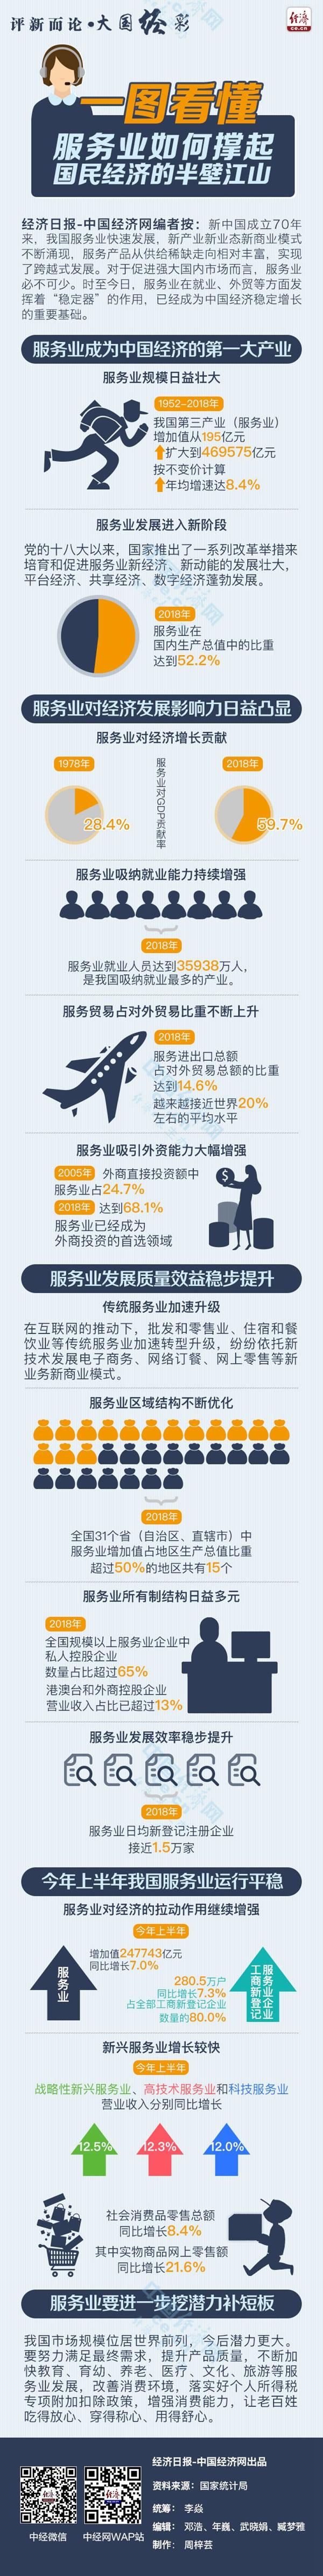 【评新而论·大国经彩】一图看懂丨服务业如何撑起国民经济的半壁江山